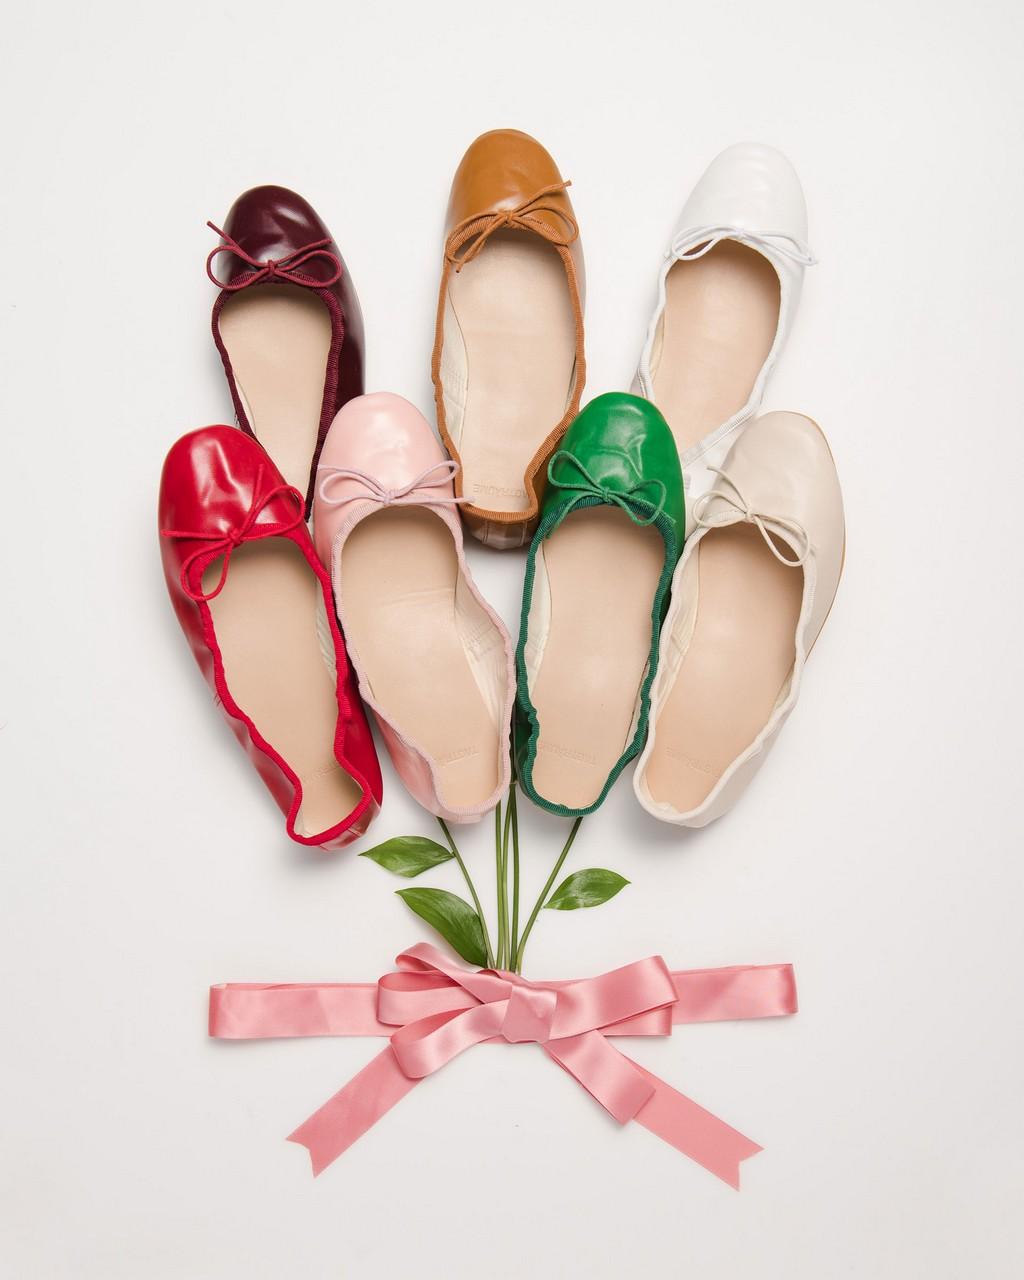 Tagtraume E.Ballerina-Spring - 0